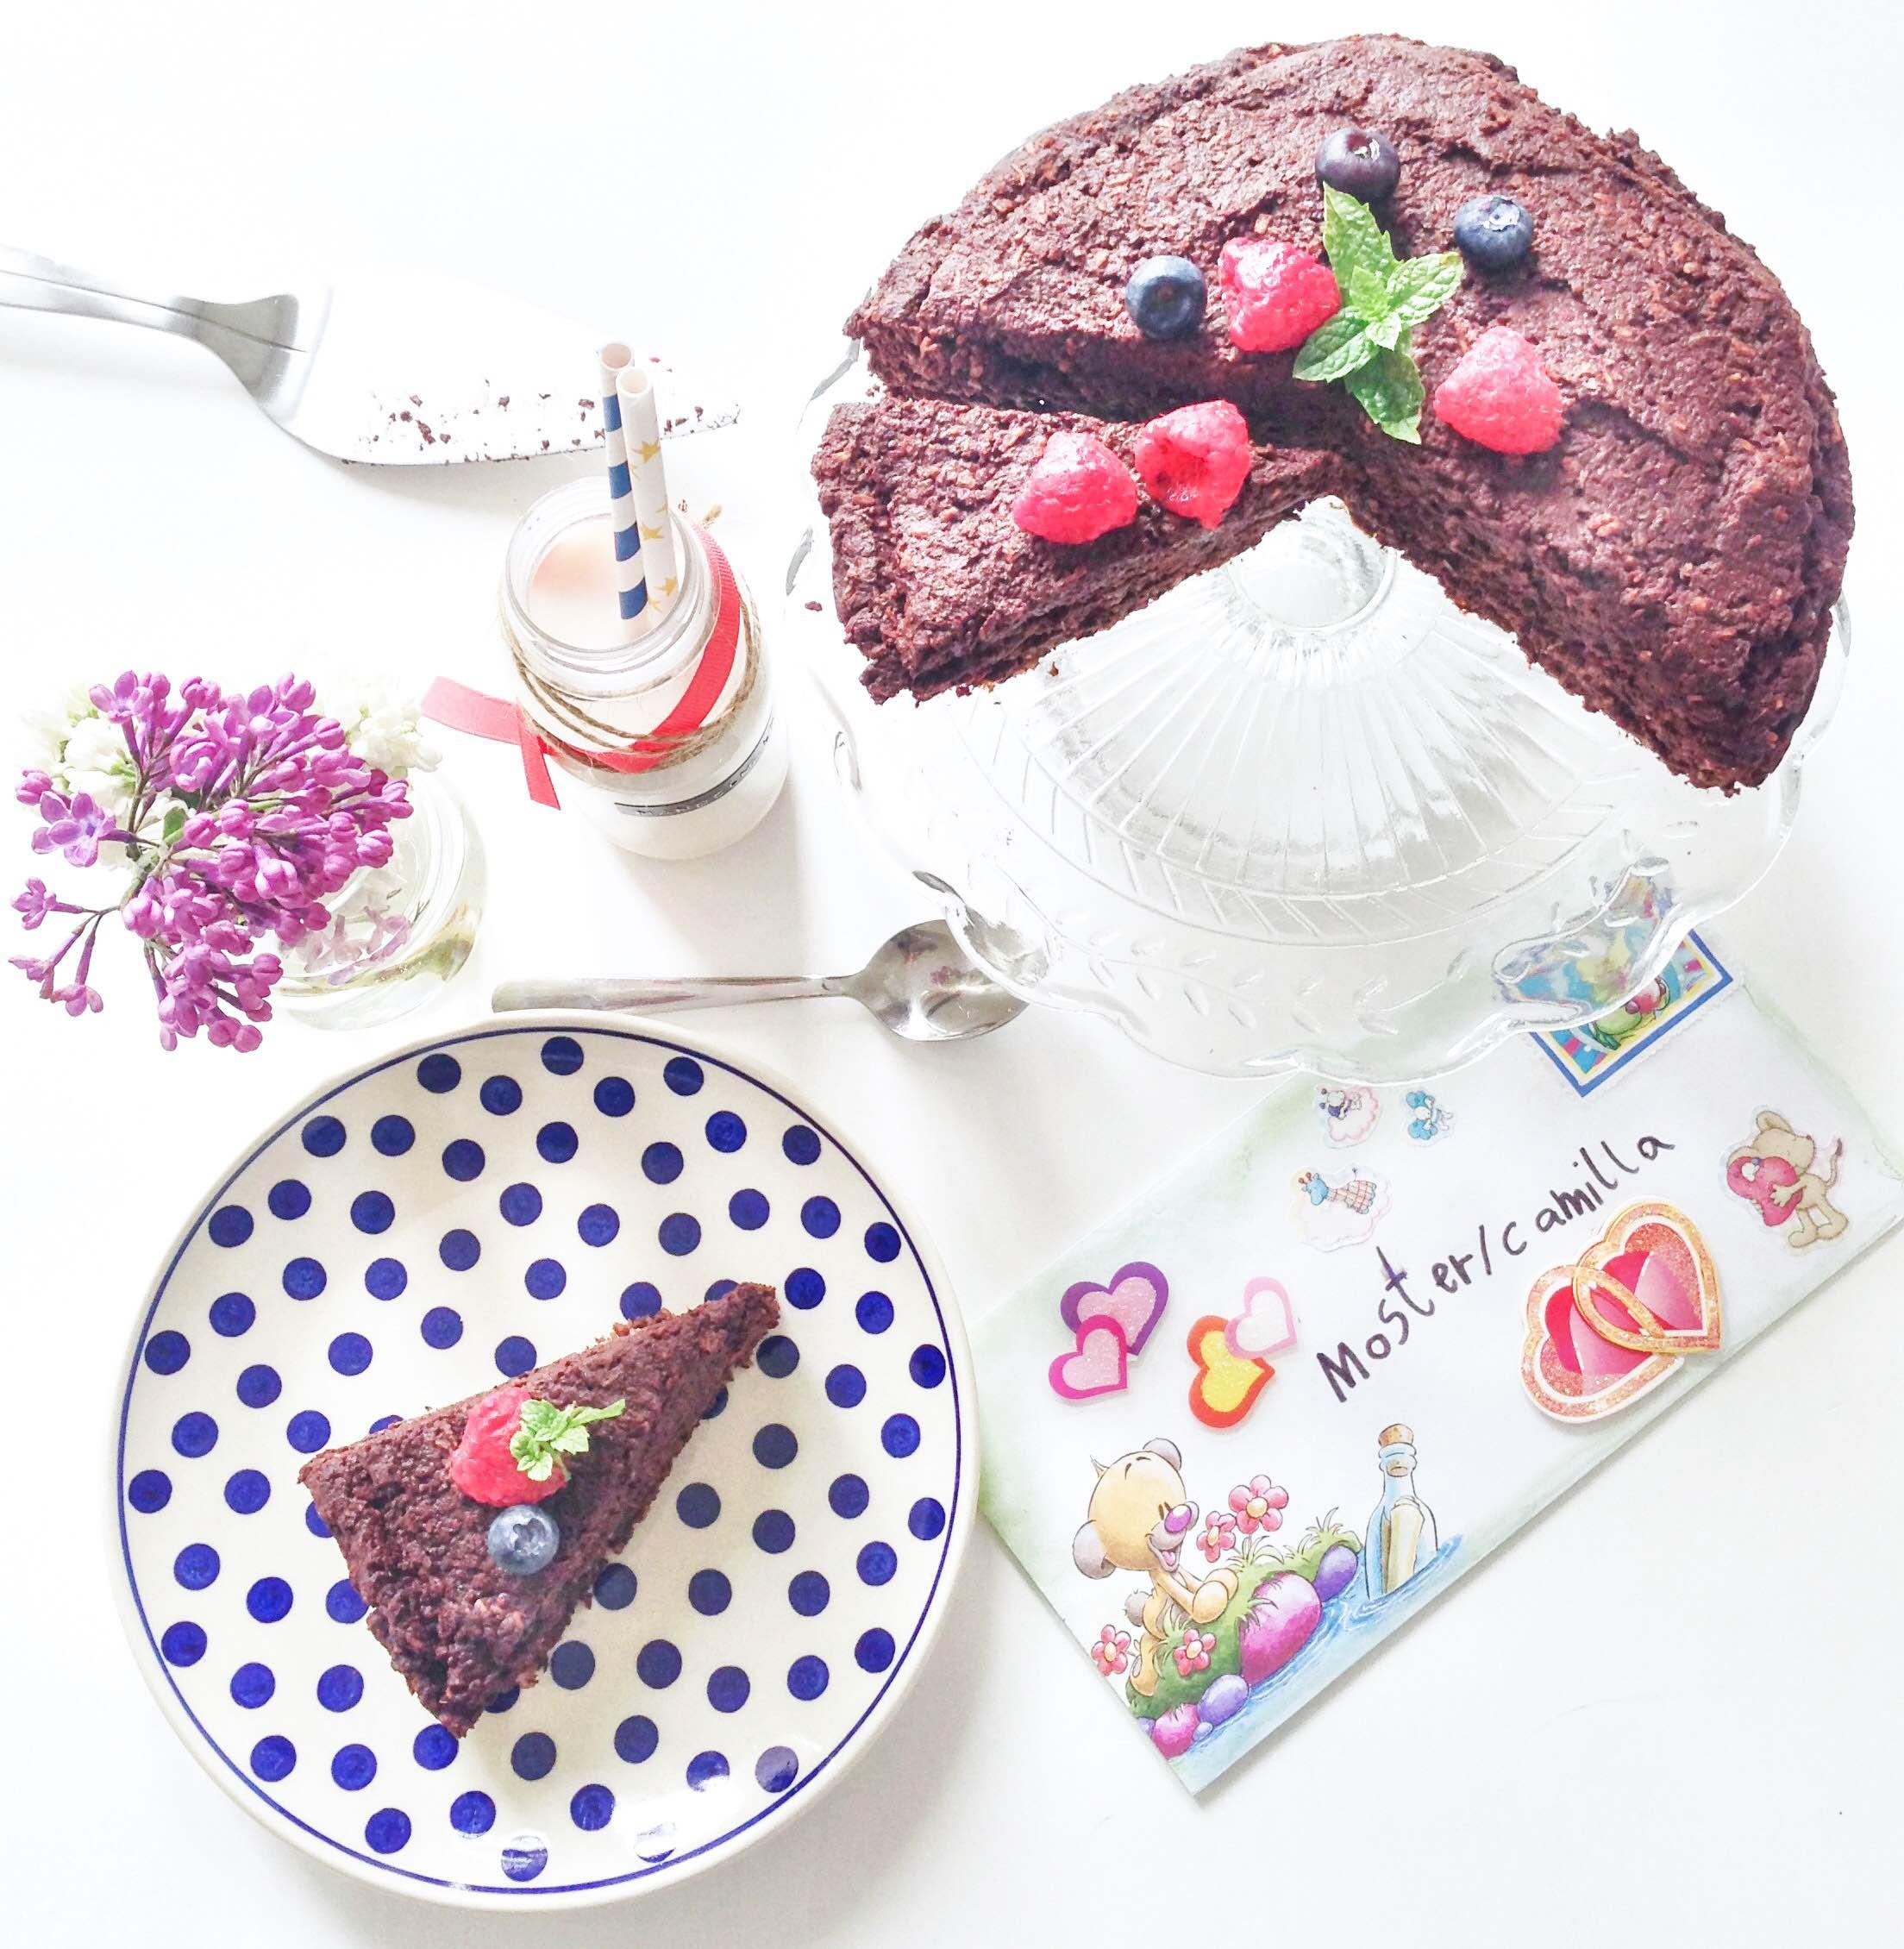 Opskrift på sukkerfri mørk drømmekage